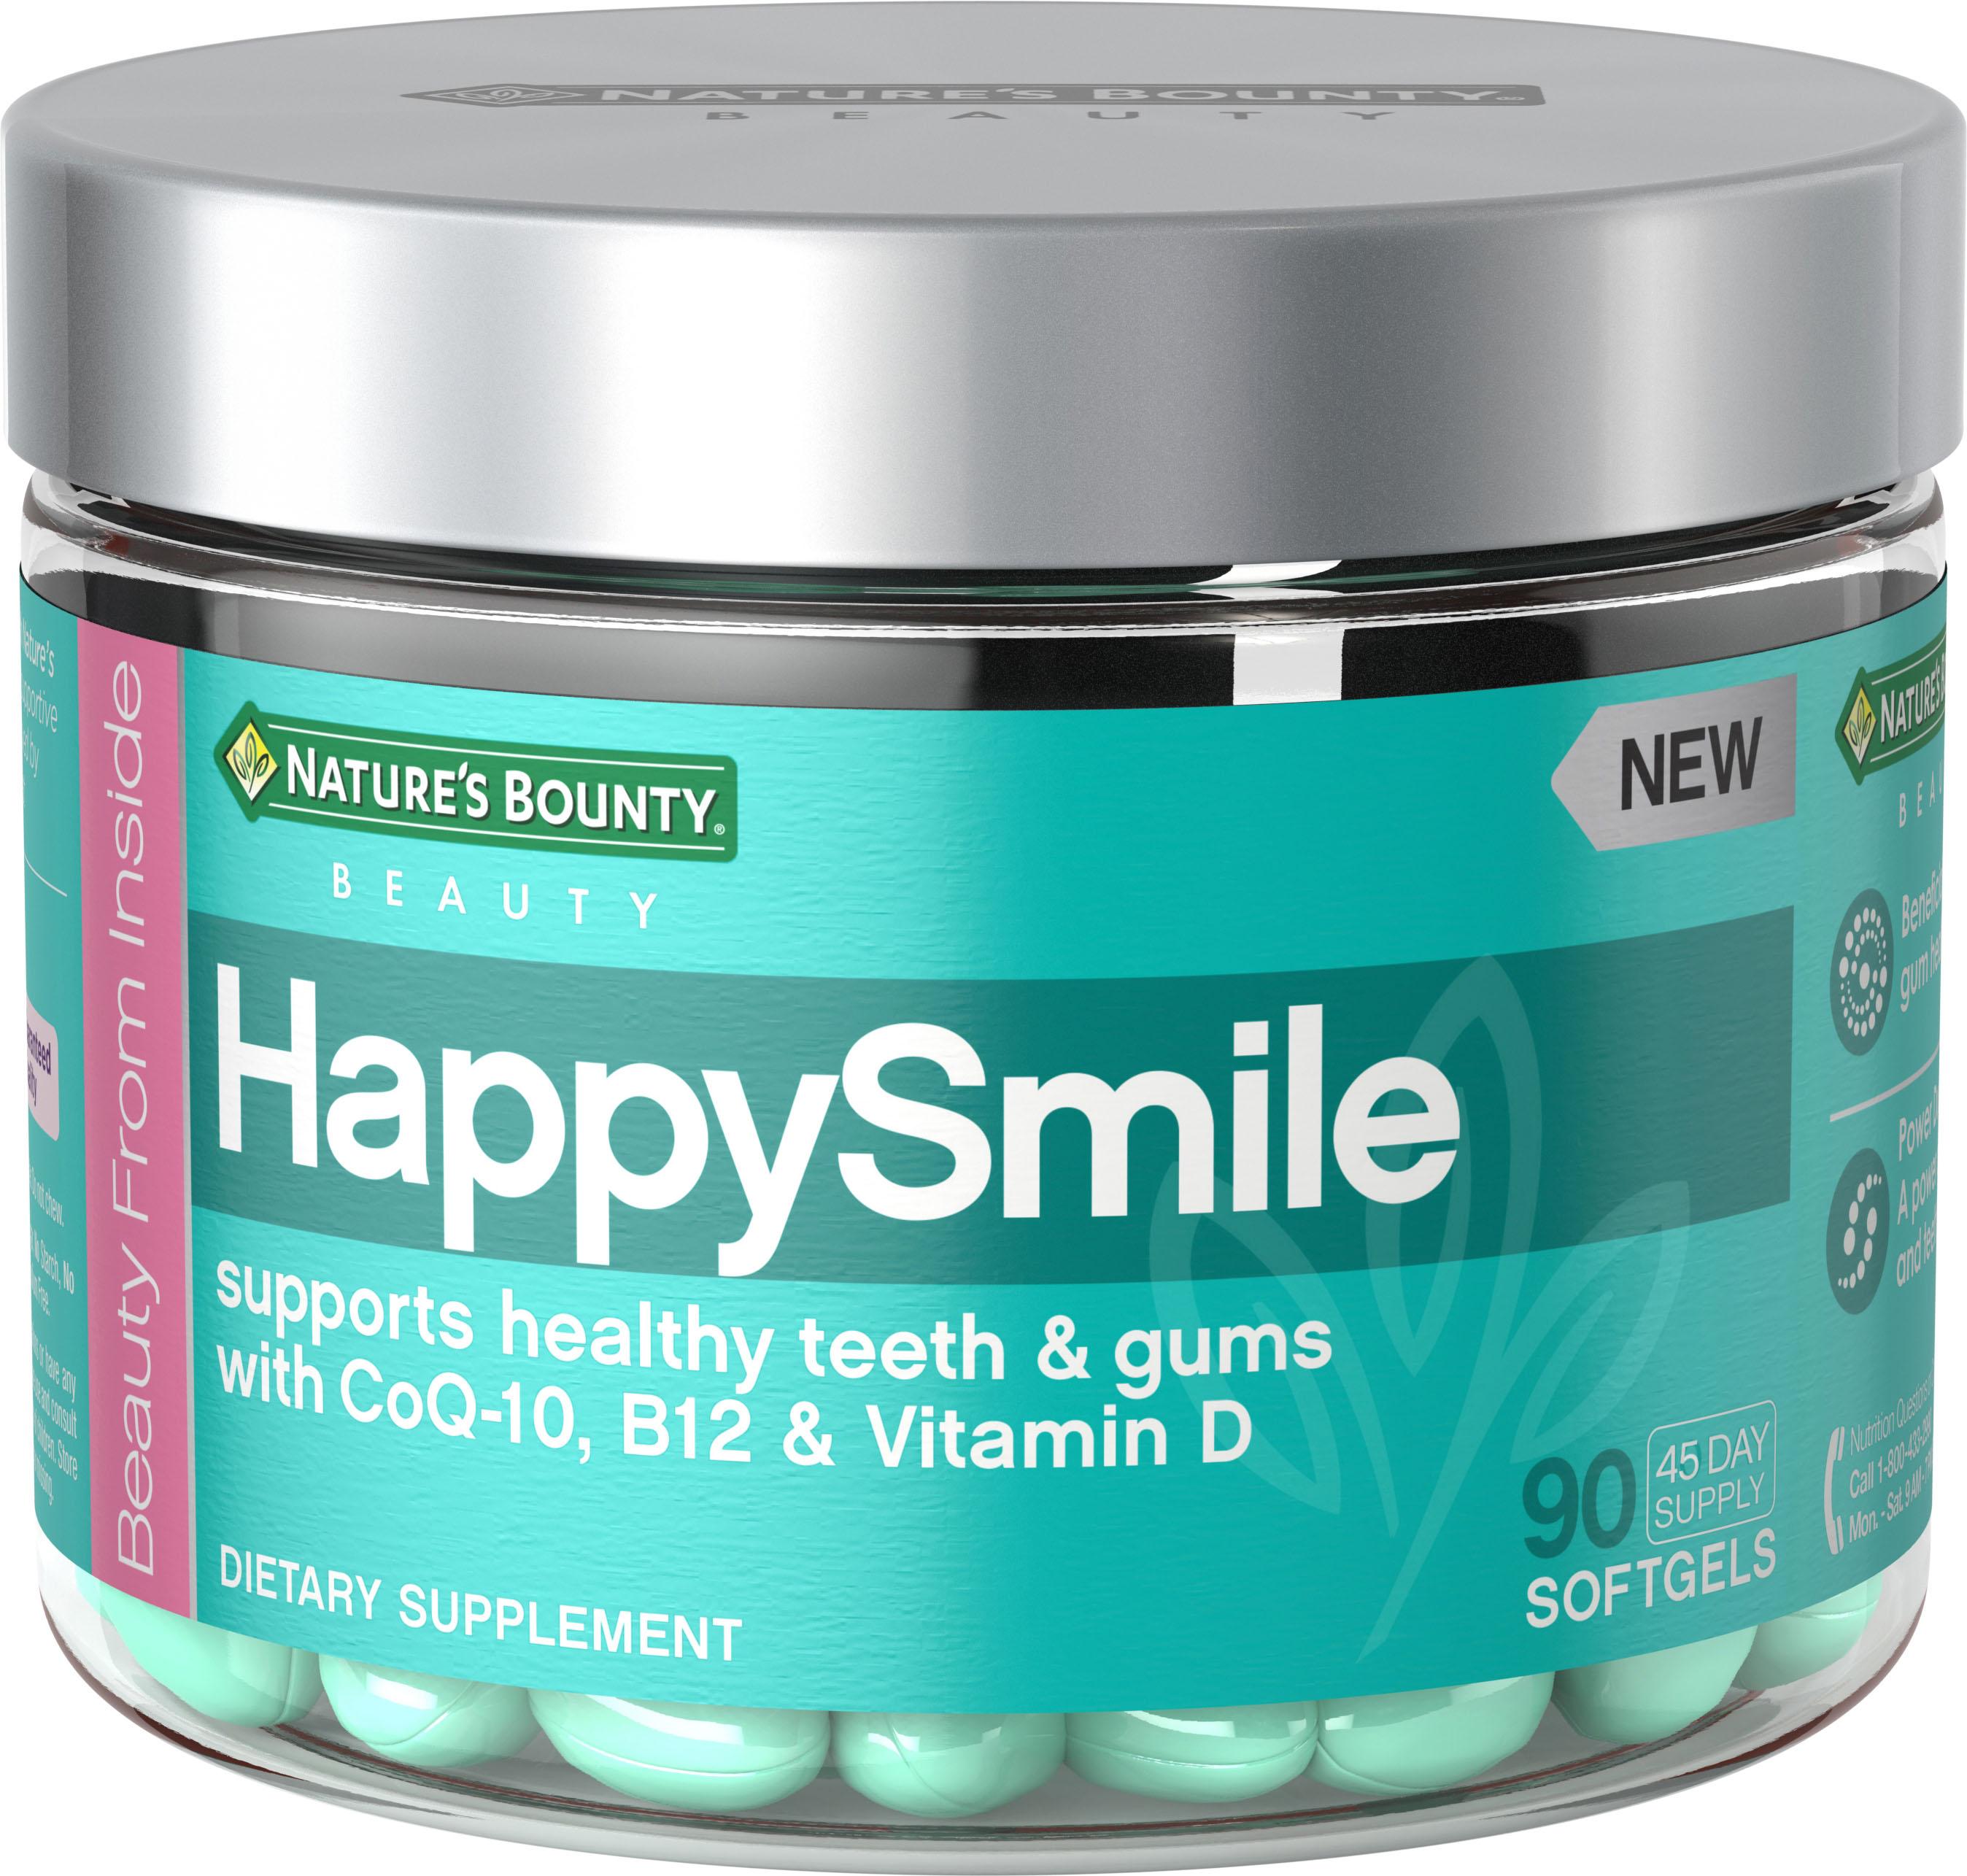 Nature's Bounty Beauty Gel Supplements - HappySmile